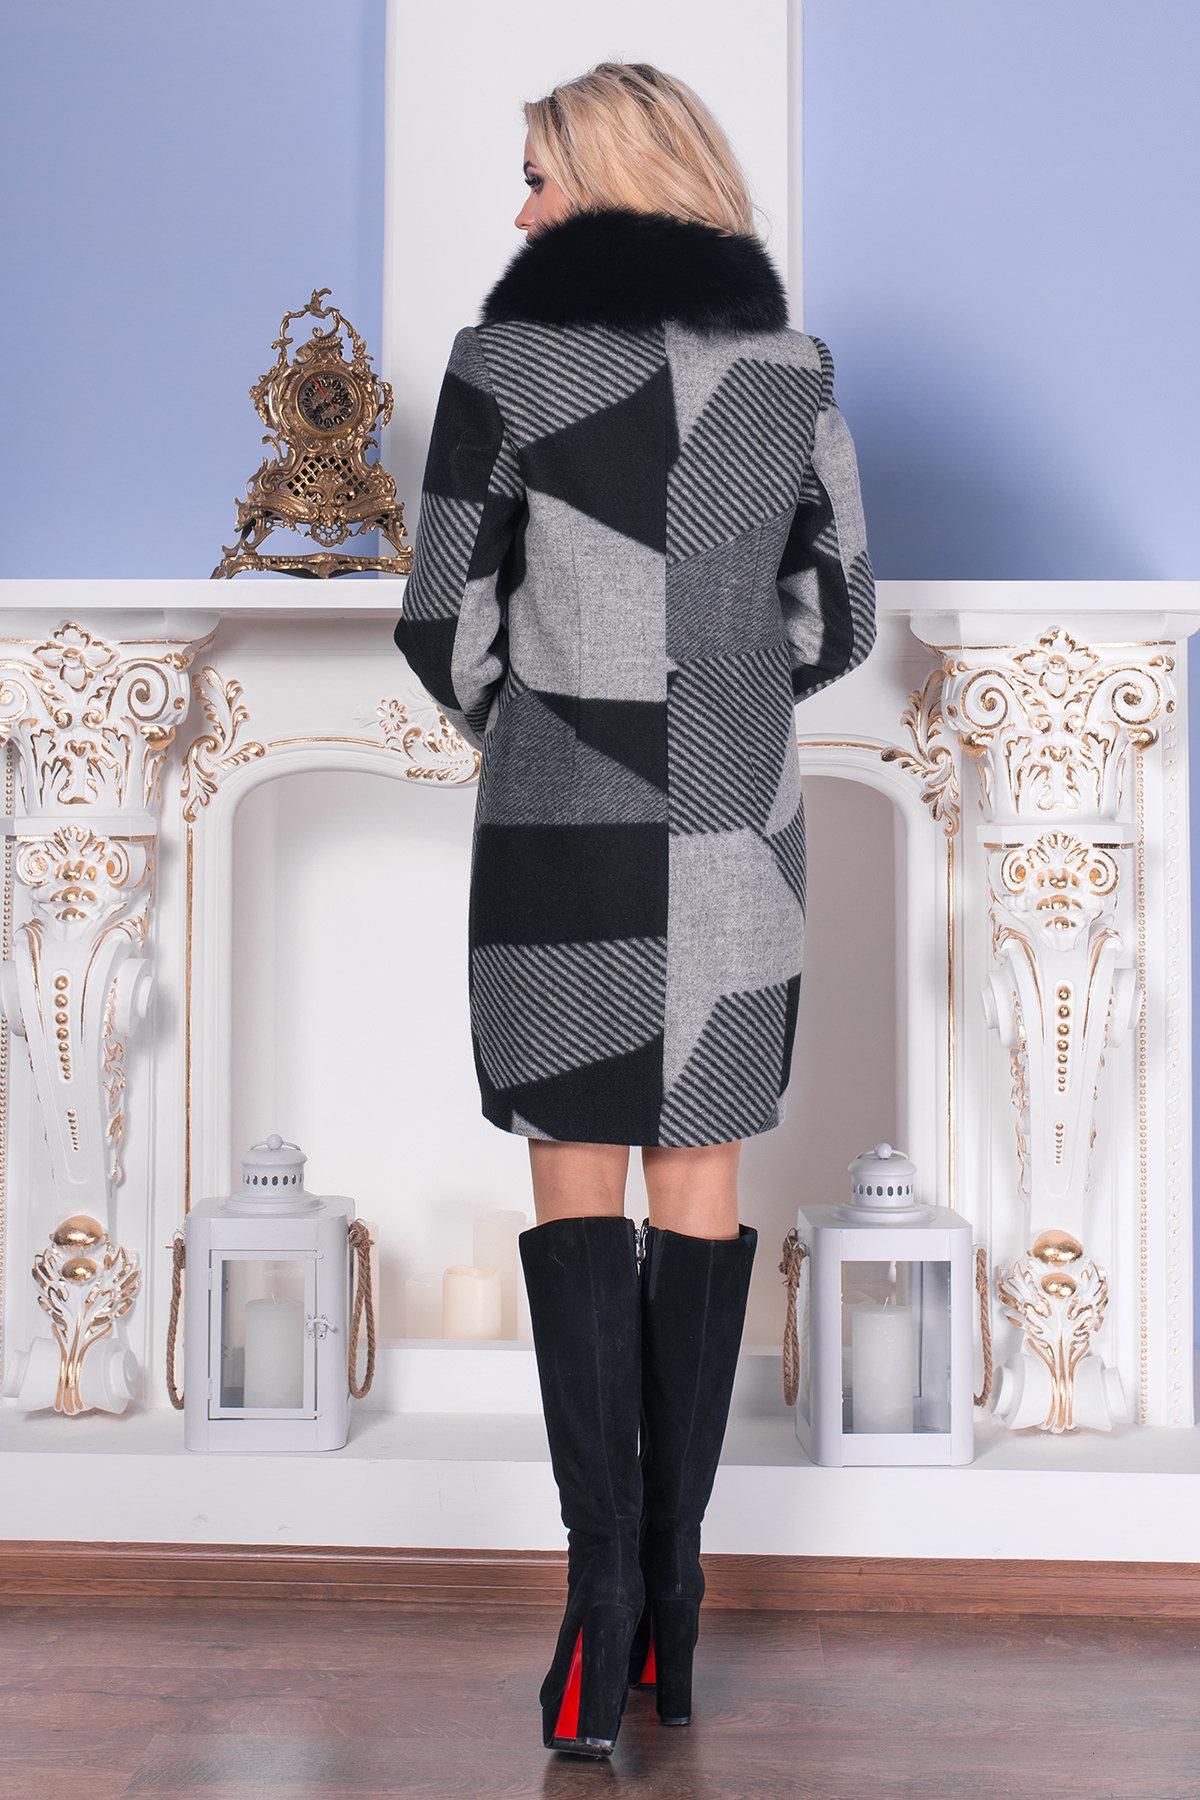 Пальто зима Марис 0649  АРТ. 7793 Цвет: Черный/серый полос Д2/С1 - фото 3, интернет магазин tm-modus.ru